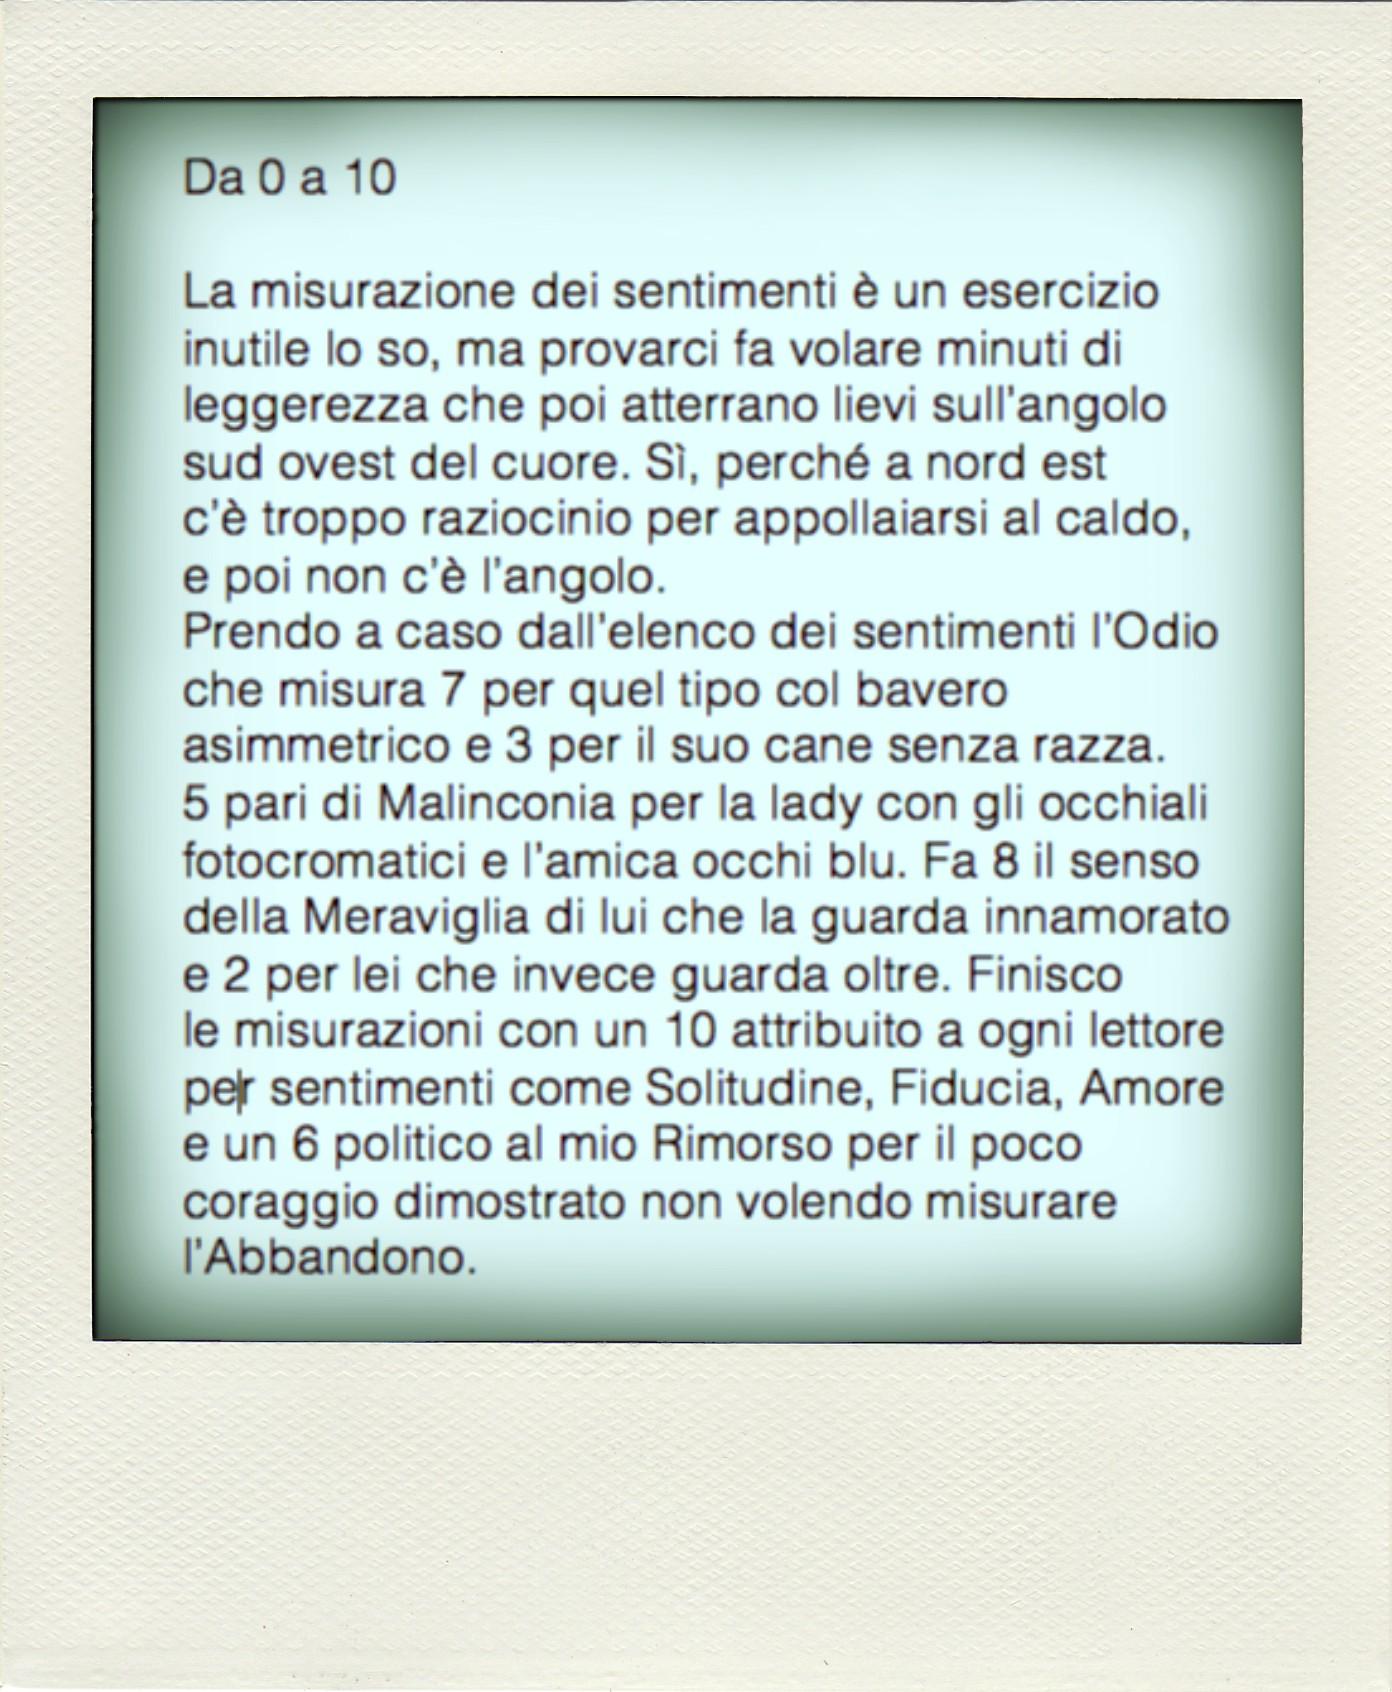 Da0a10